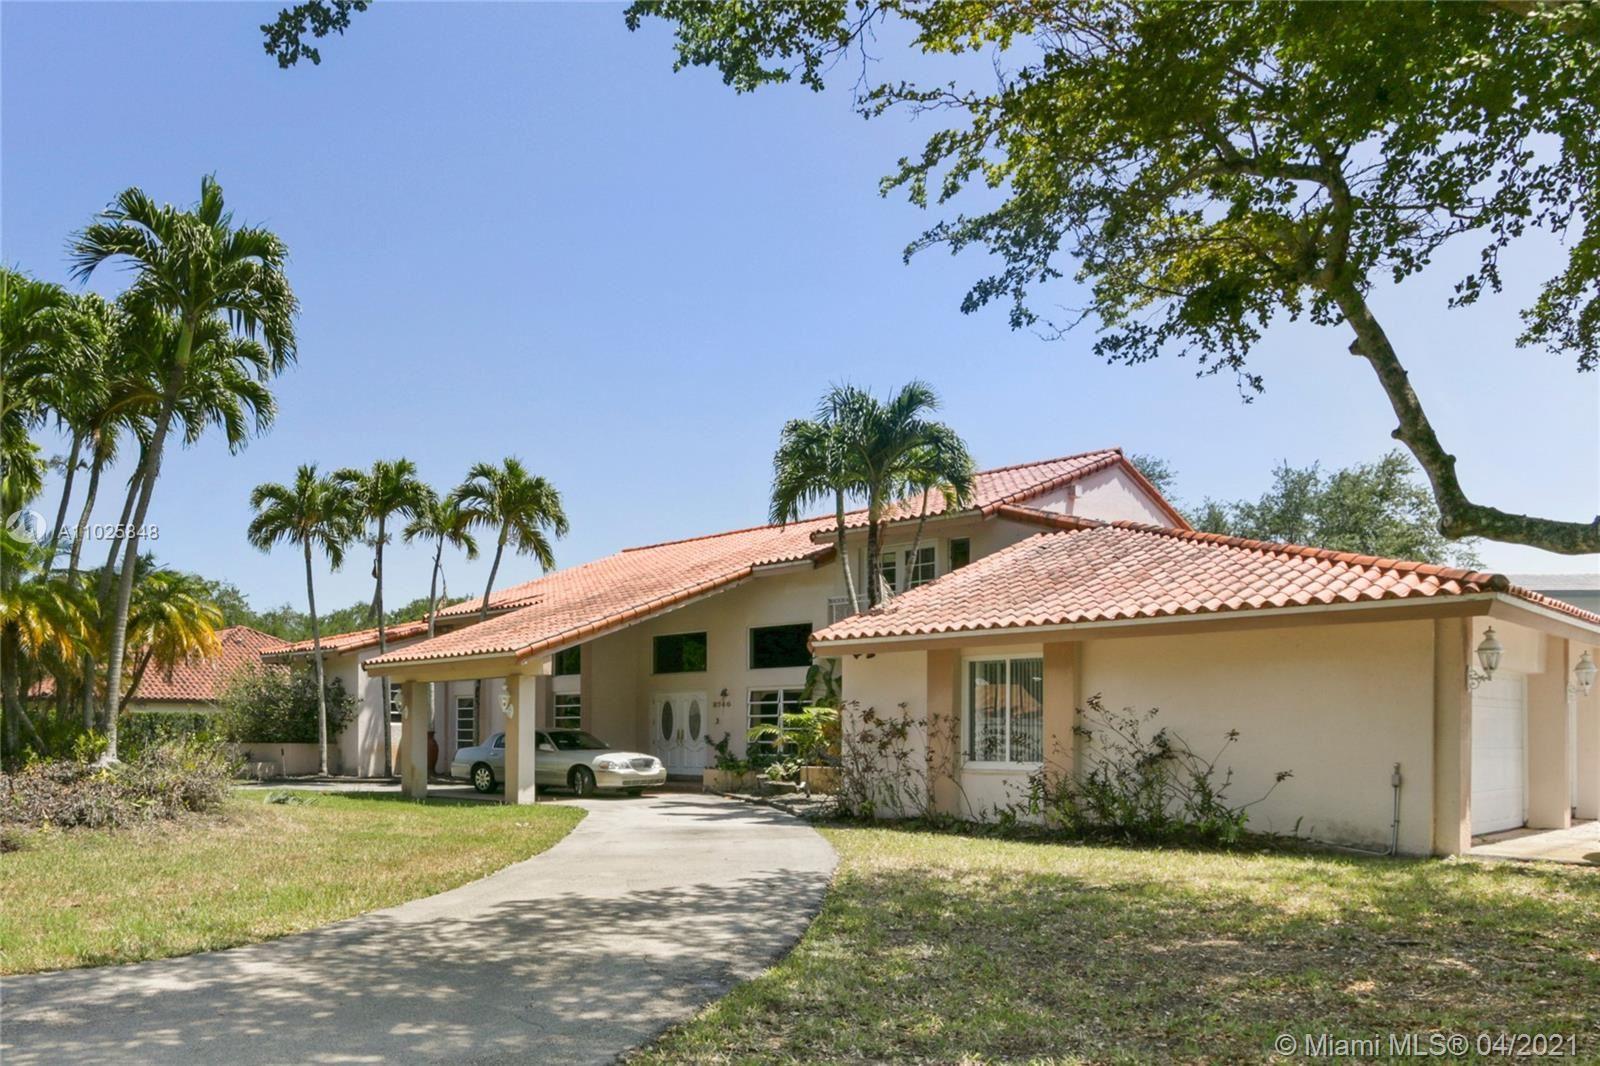 8740 SW 102nd St, Miami, FL 33176 - #: A11025848